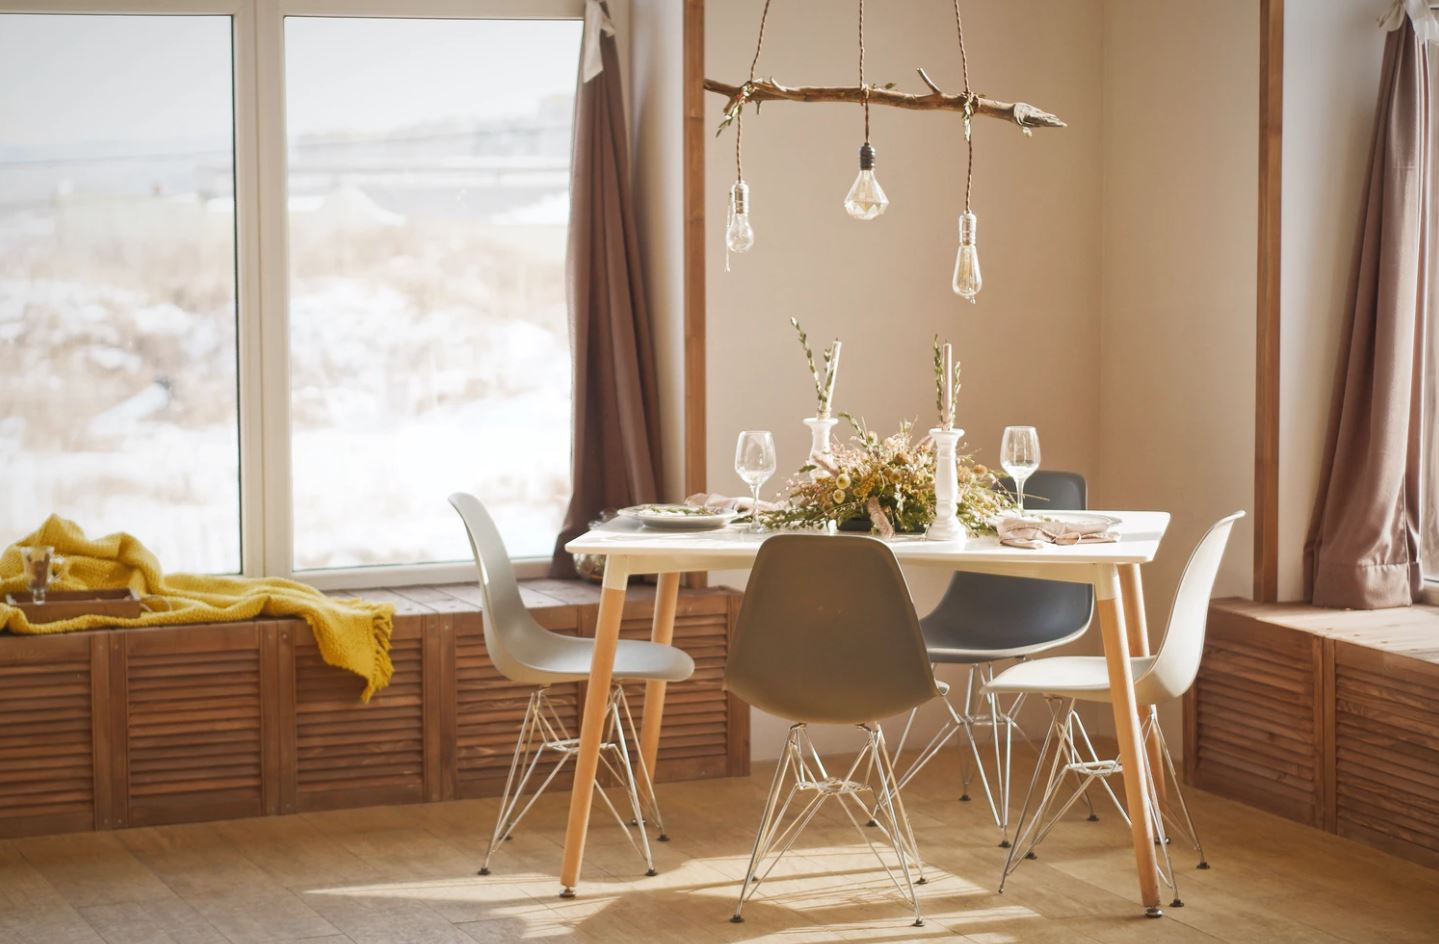 table chaise maison salon salle manger meubles